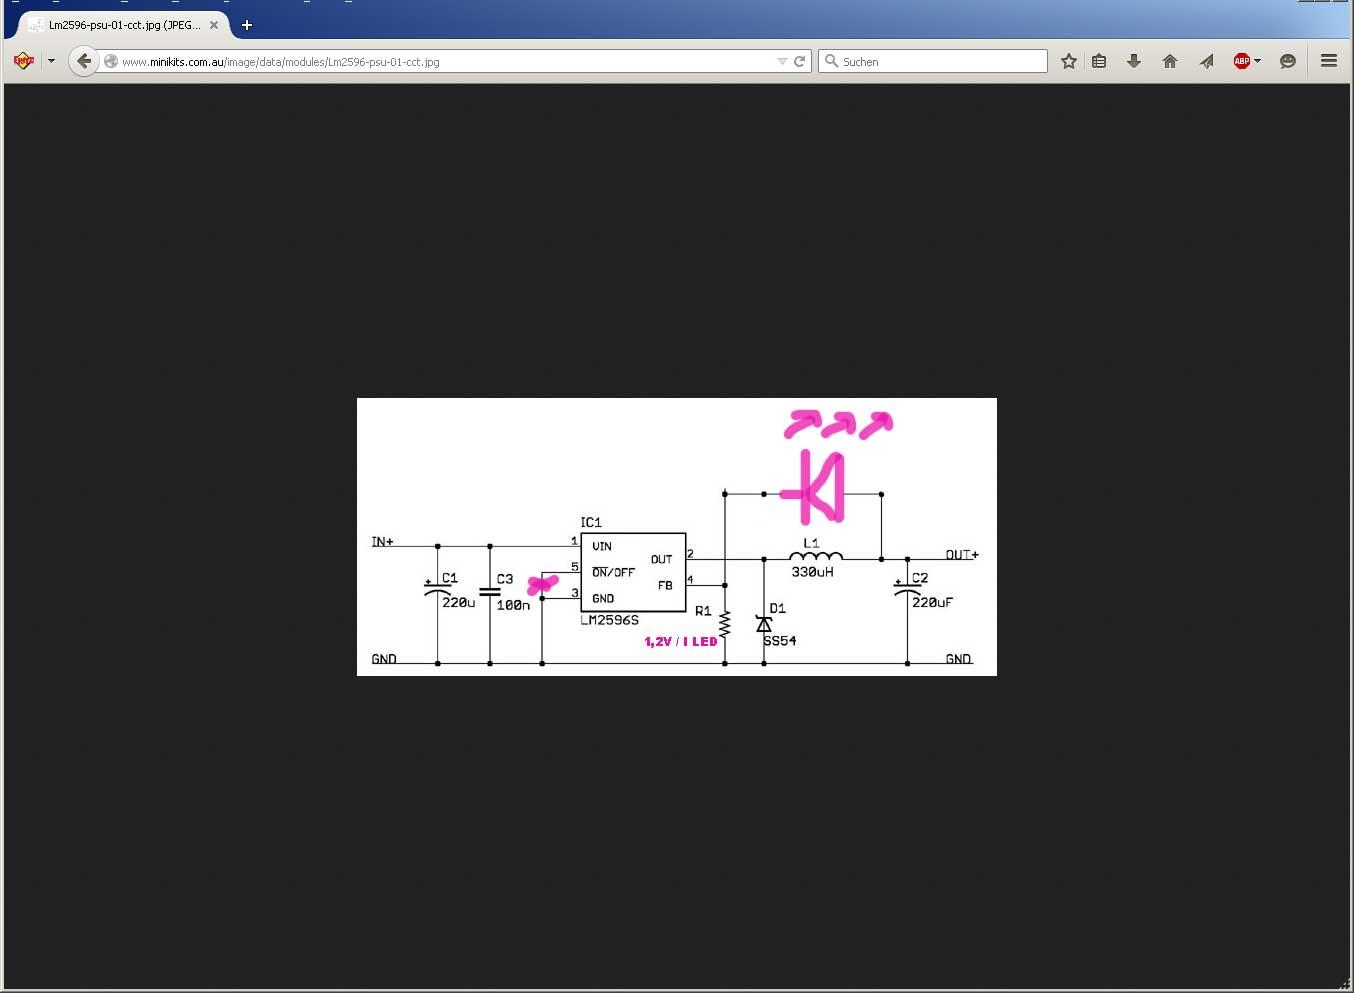 Nachgebaute Constant Current Powersource Und Mosfet Verbrennen Konstantstromquelle Fuer Power Led Mikrocontrollernet Preview Image For Zwischenablage01